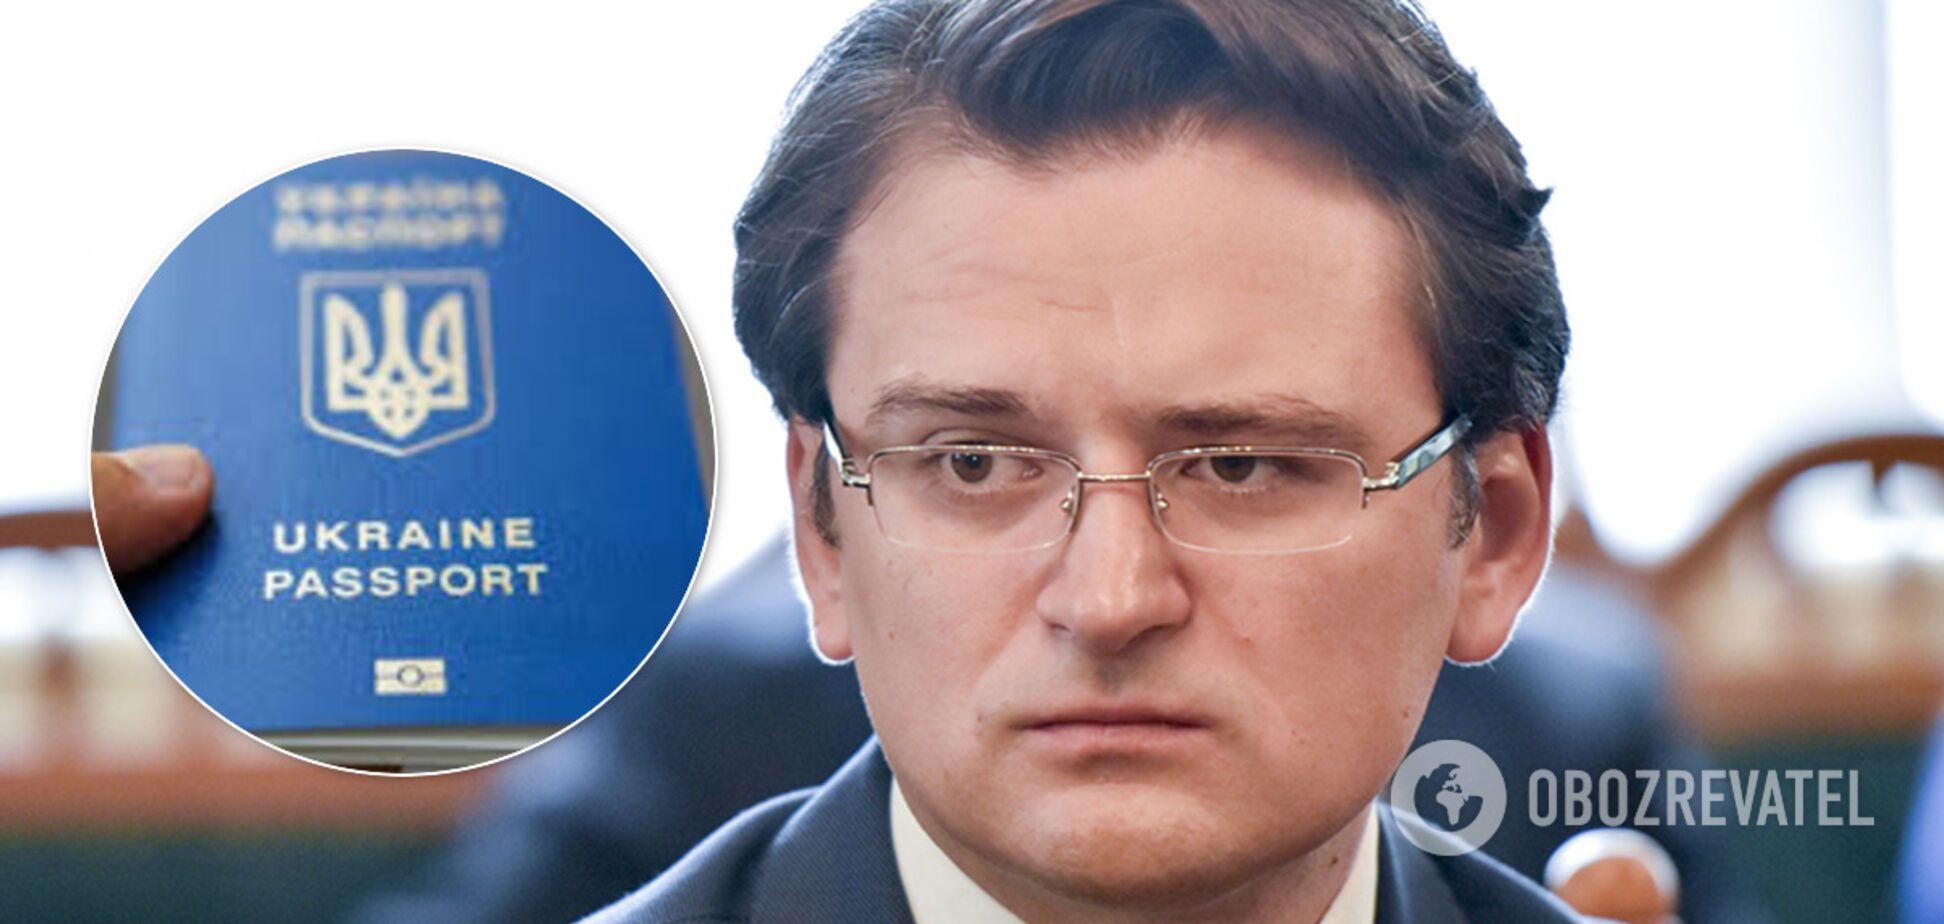 Глава МЗС виступив за подвійне громадянство в Україні, але не для всіх